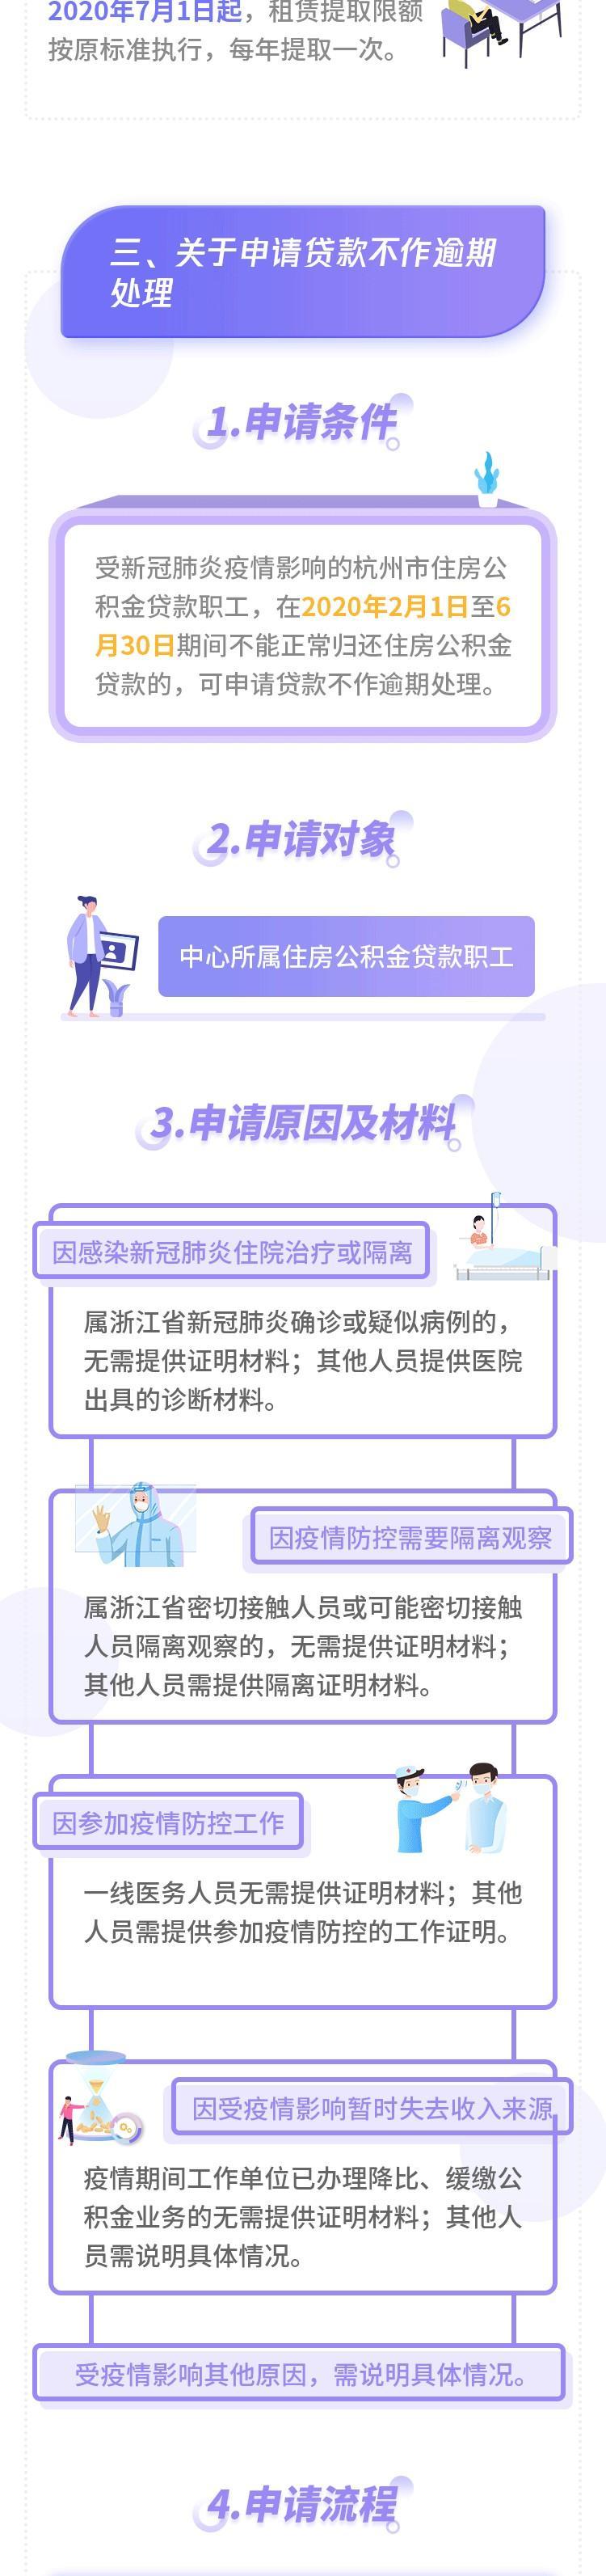 关于住房公积金,杭州再次出手!图3